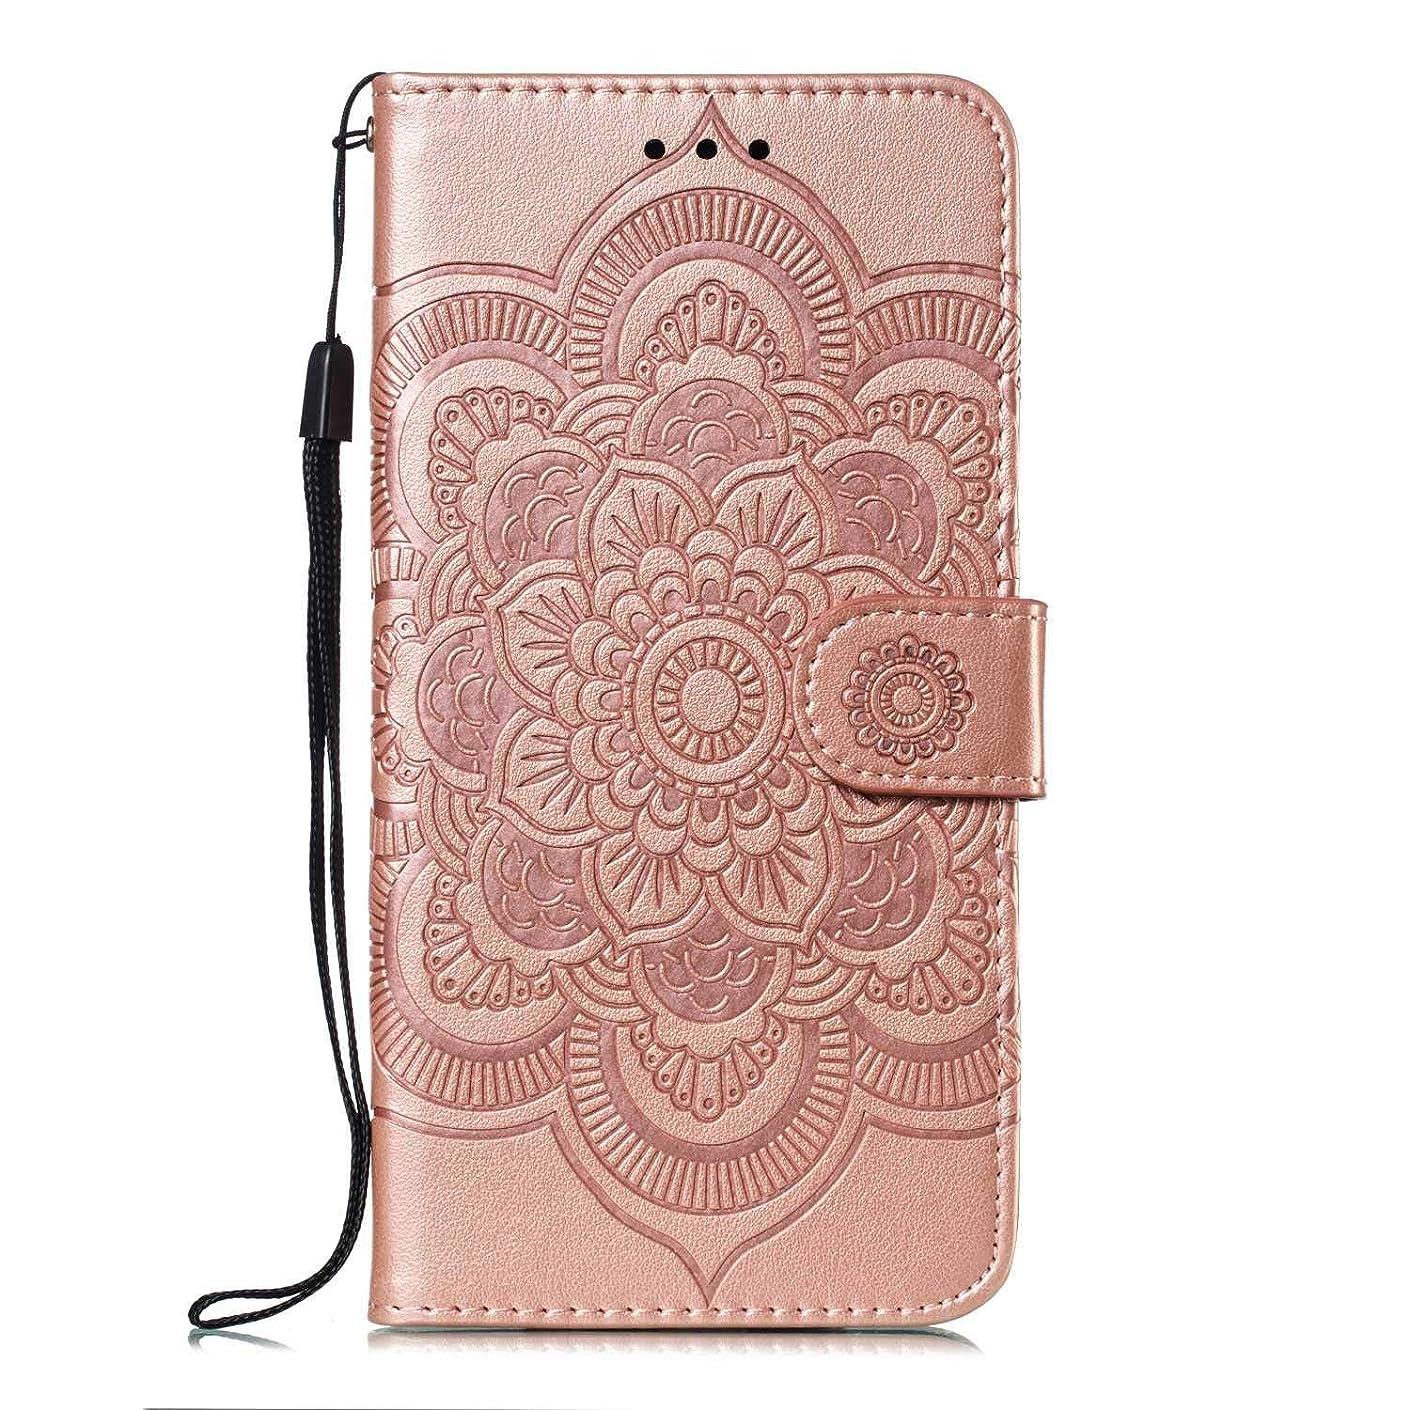 ライオネルグリーンストリート松呼び出すHuawei P30 防塵 ケース, CUNUS 高品質 携帯電話 ケース 軽量 柔軟 高品質 耐汚れ カード収納 カバー Huawei P30 用, ローズゴールド